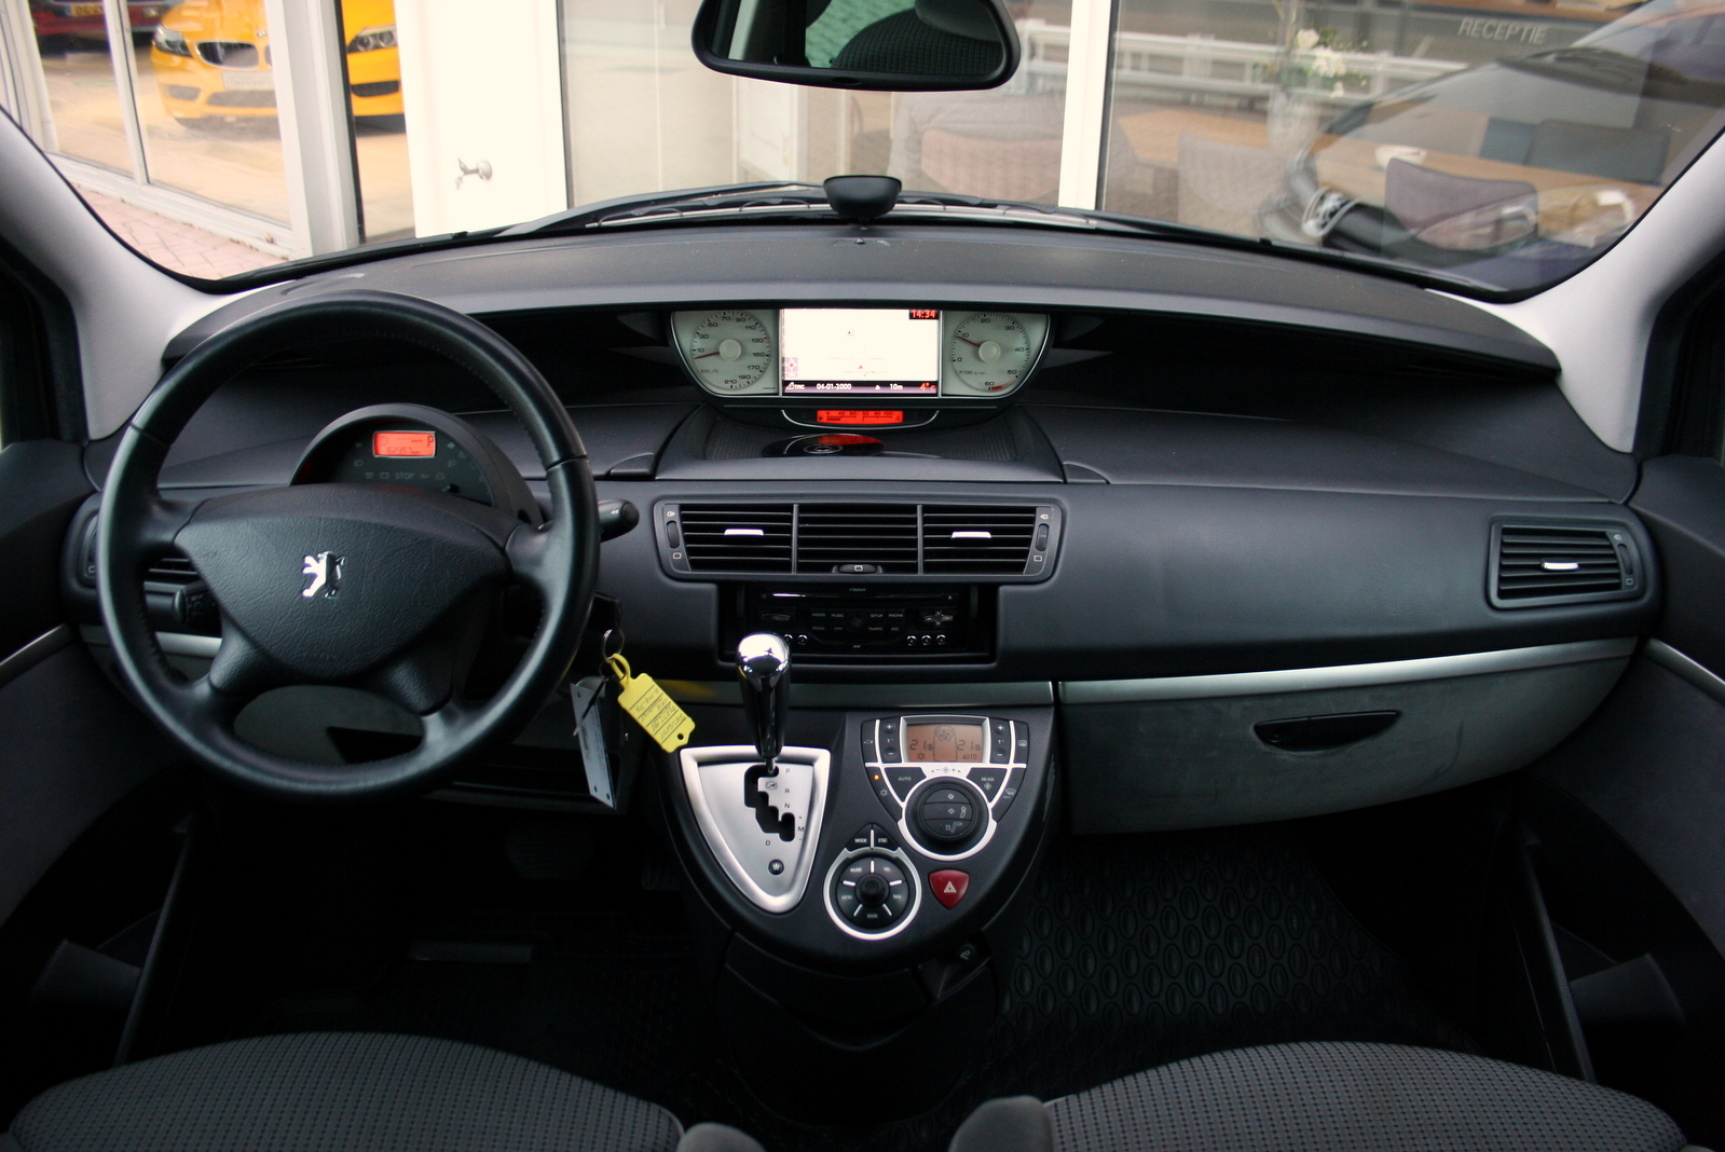 Peugeot-807-17